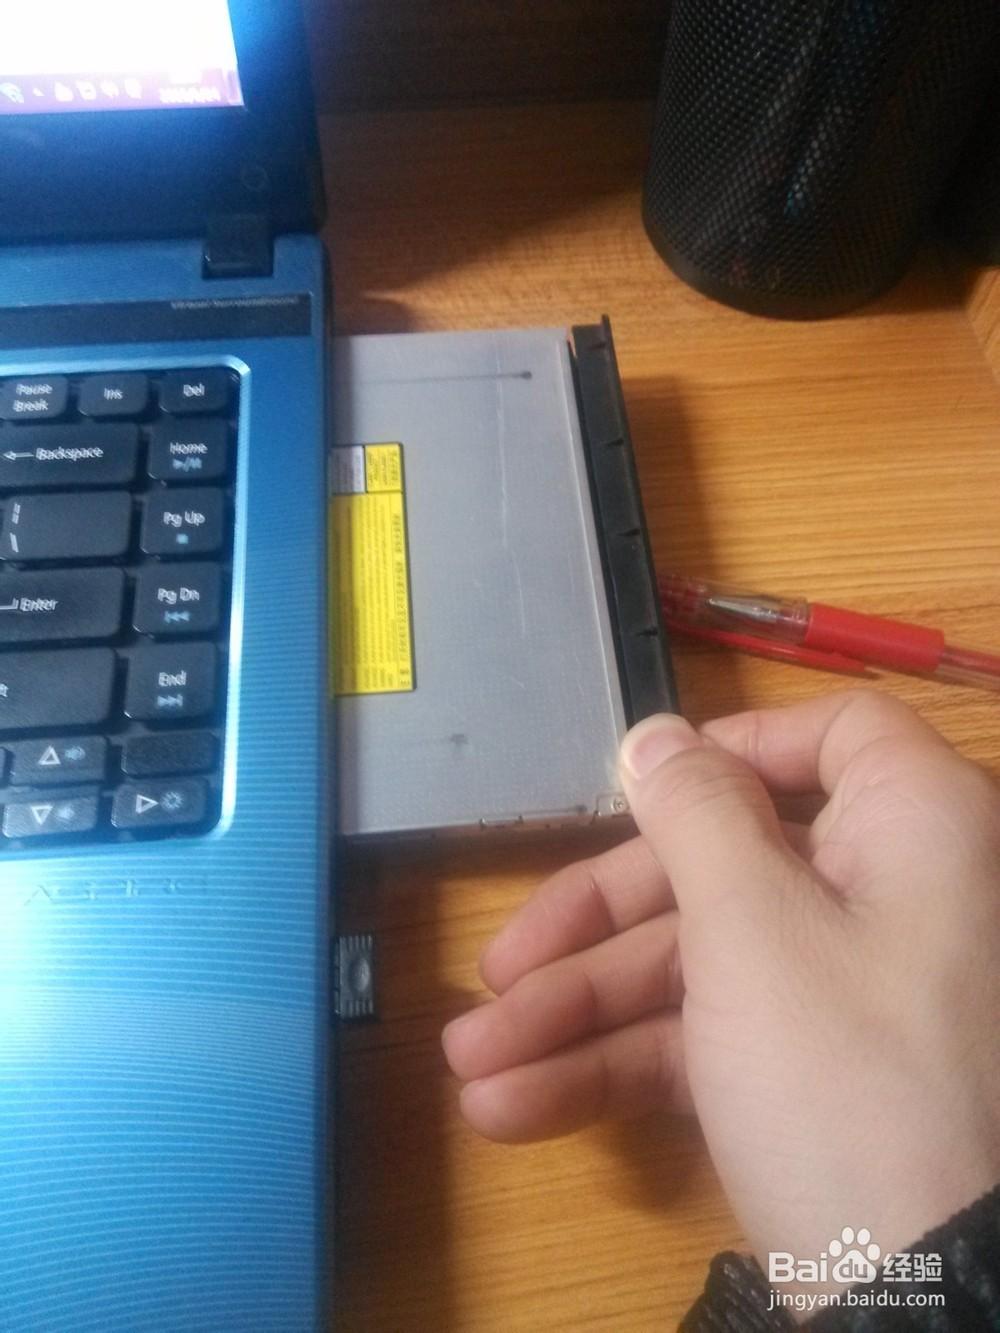 怎样给笔记本加固态硬盘(保持机械硬盘不变)?